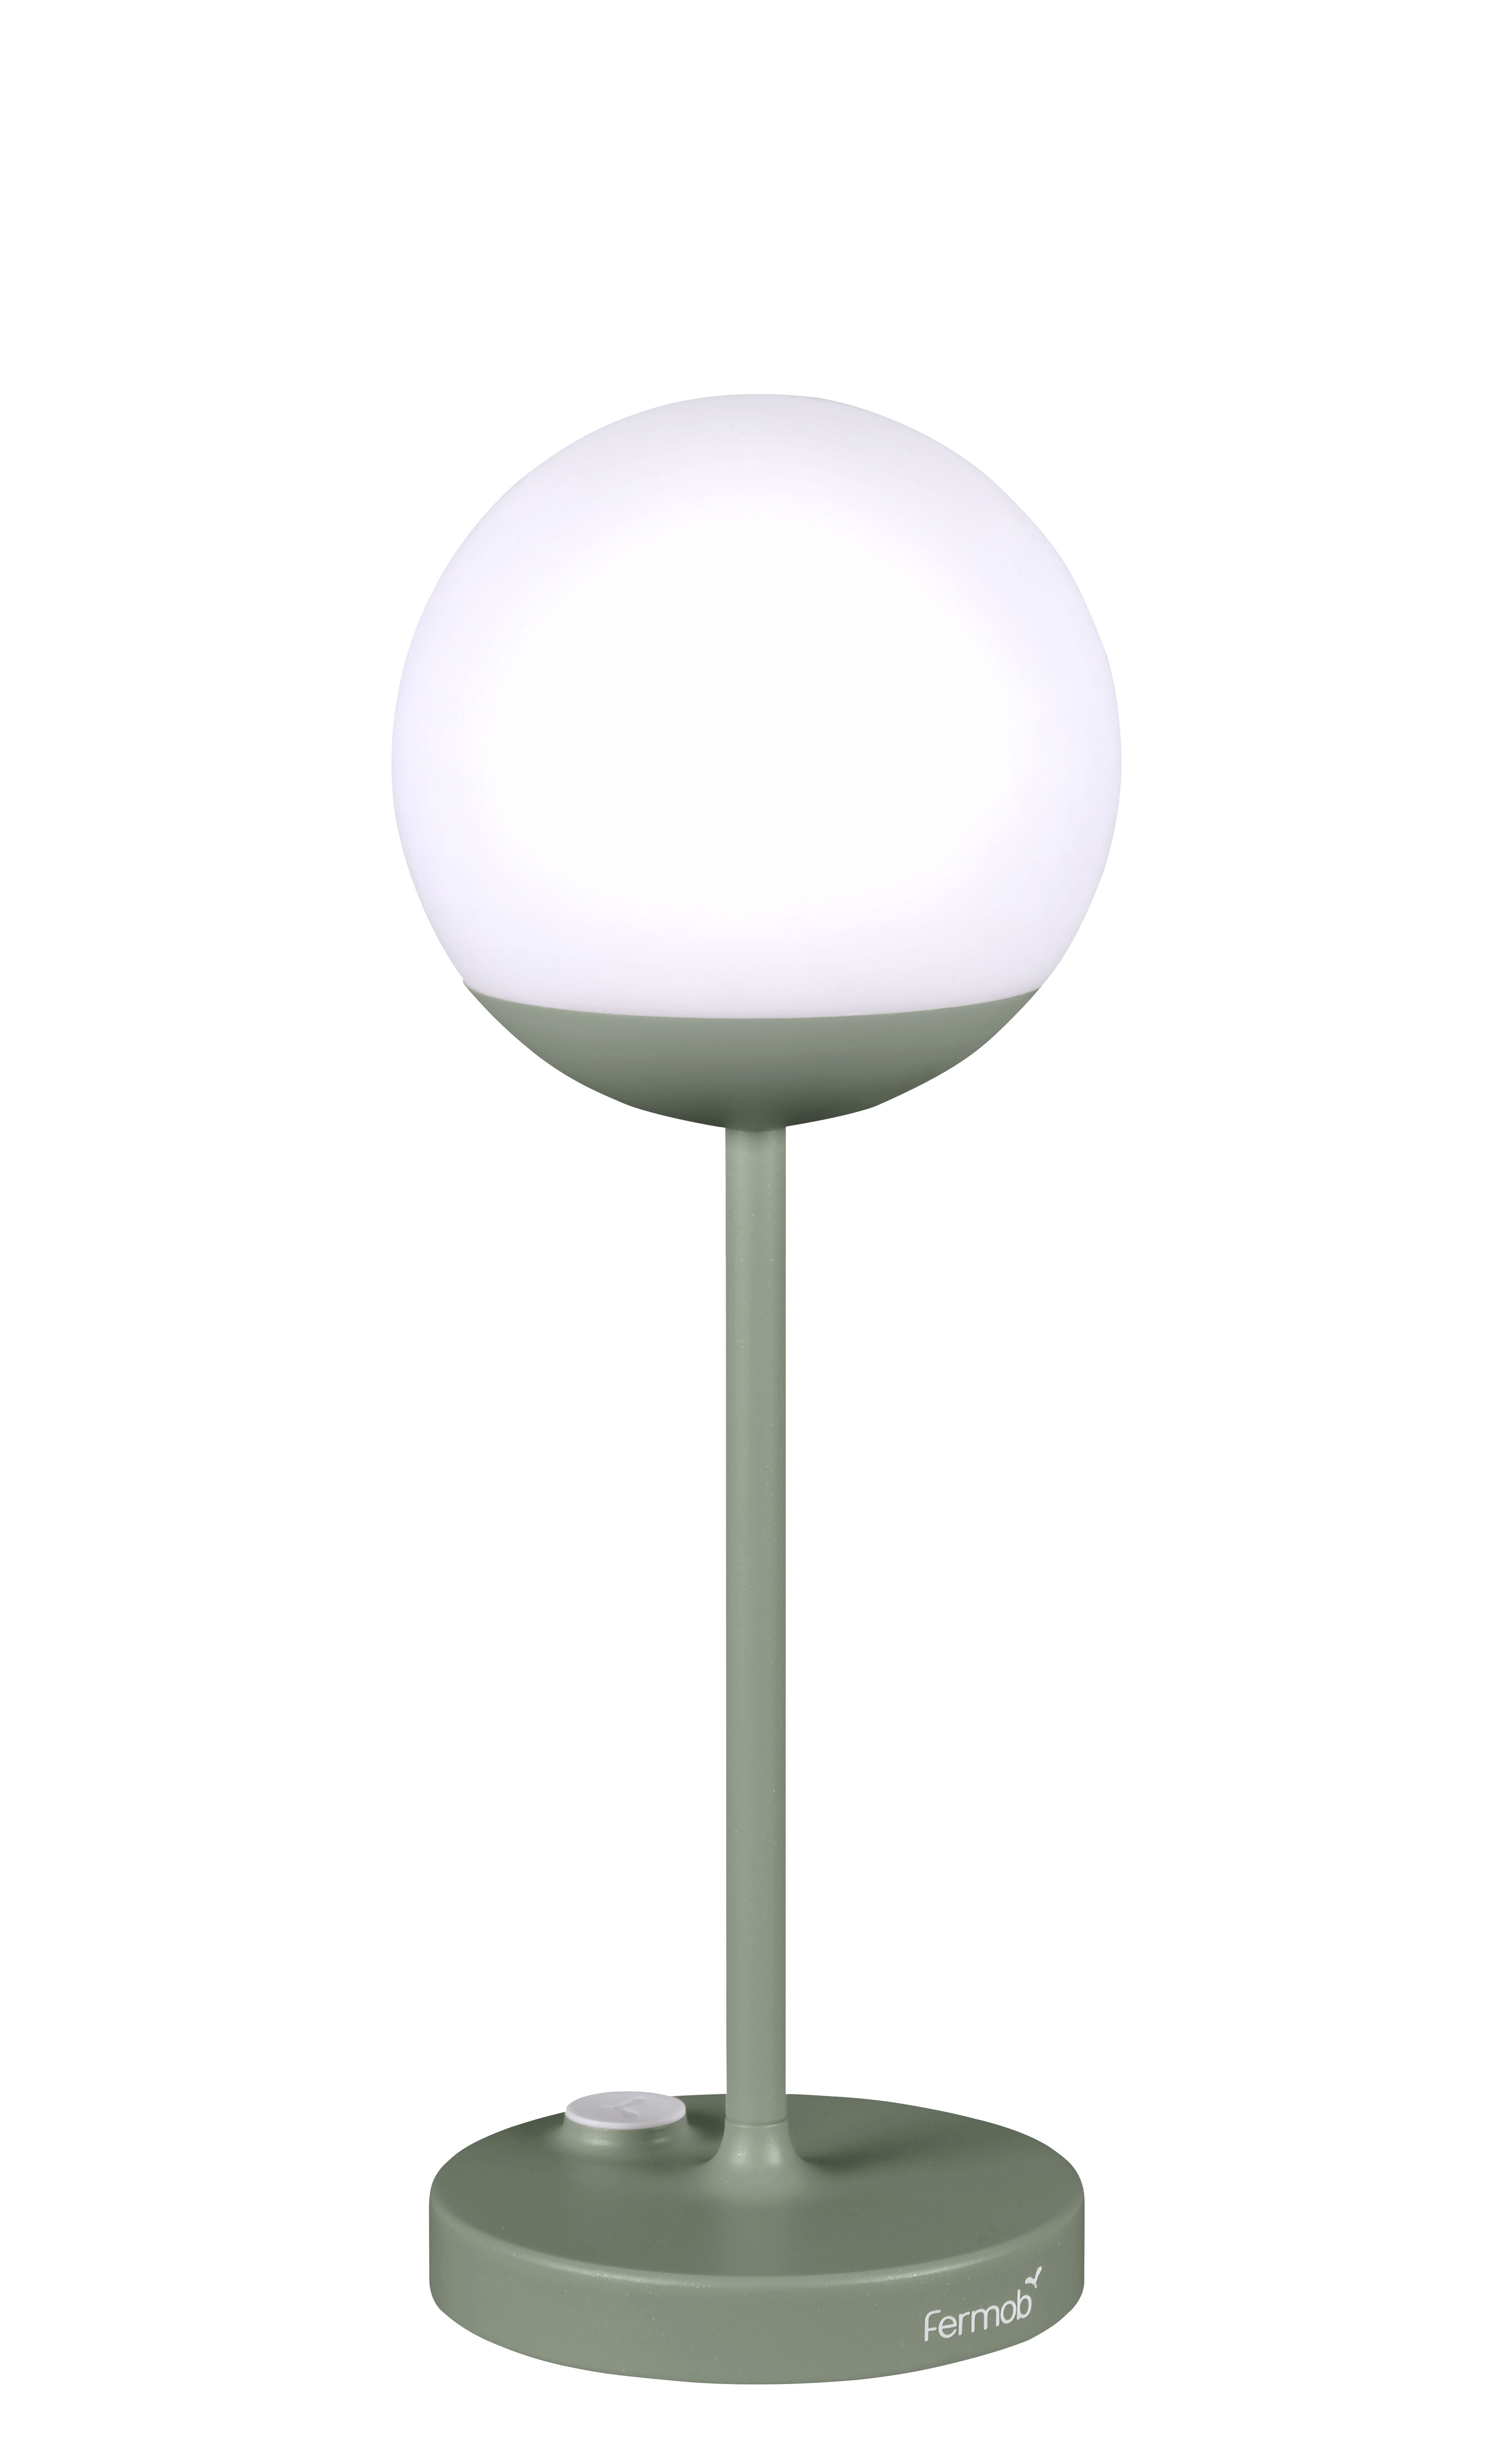 Luminaire - Lampes de table - Lampe sans fil Mooon! LED / H 41 cm - Recharge USB - Fermob - Cactus - Aluminium, Polyéthylène